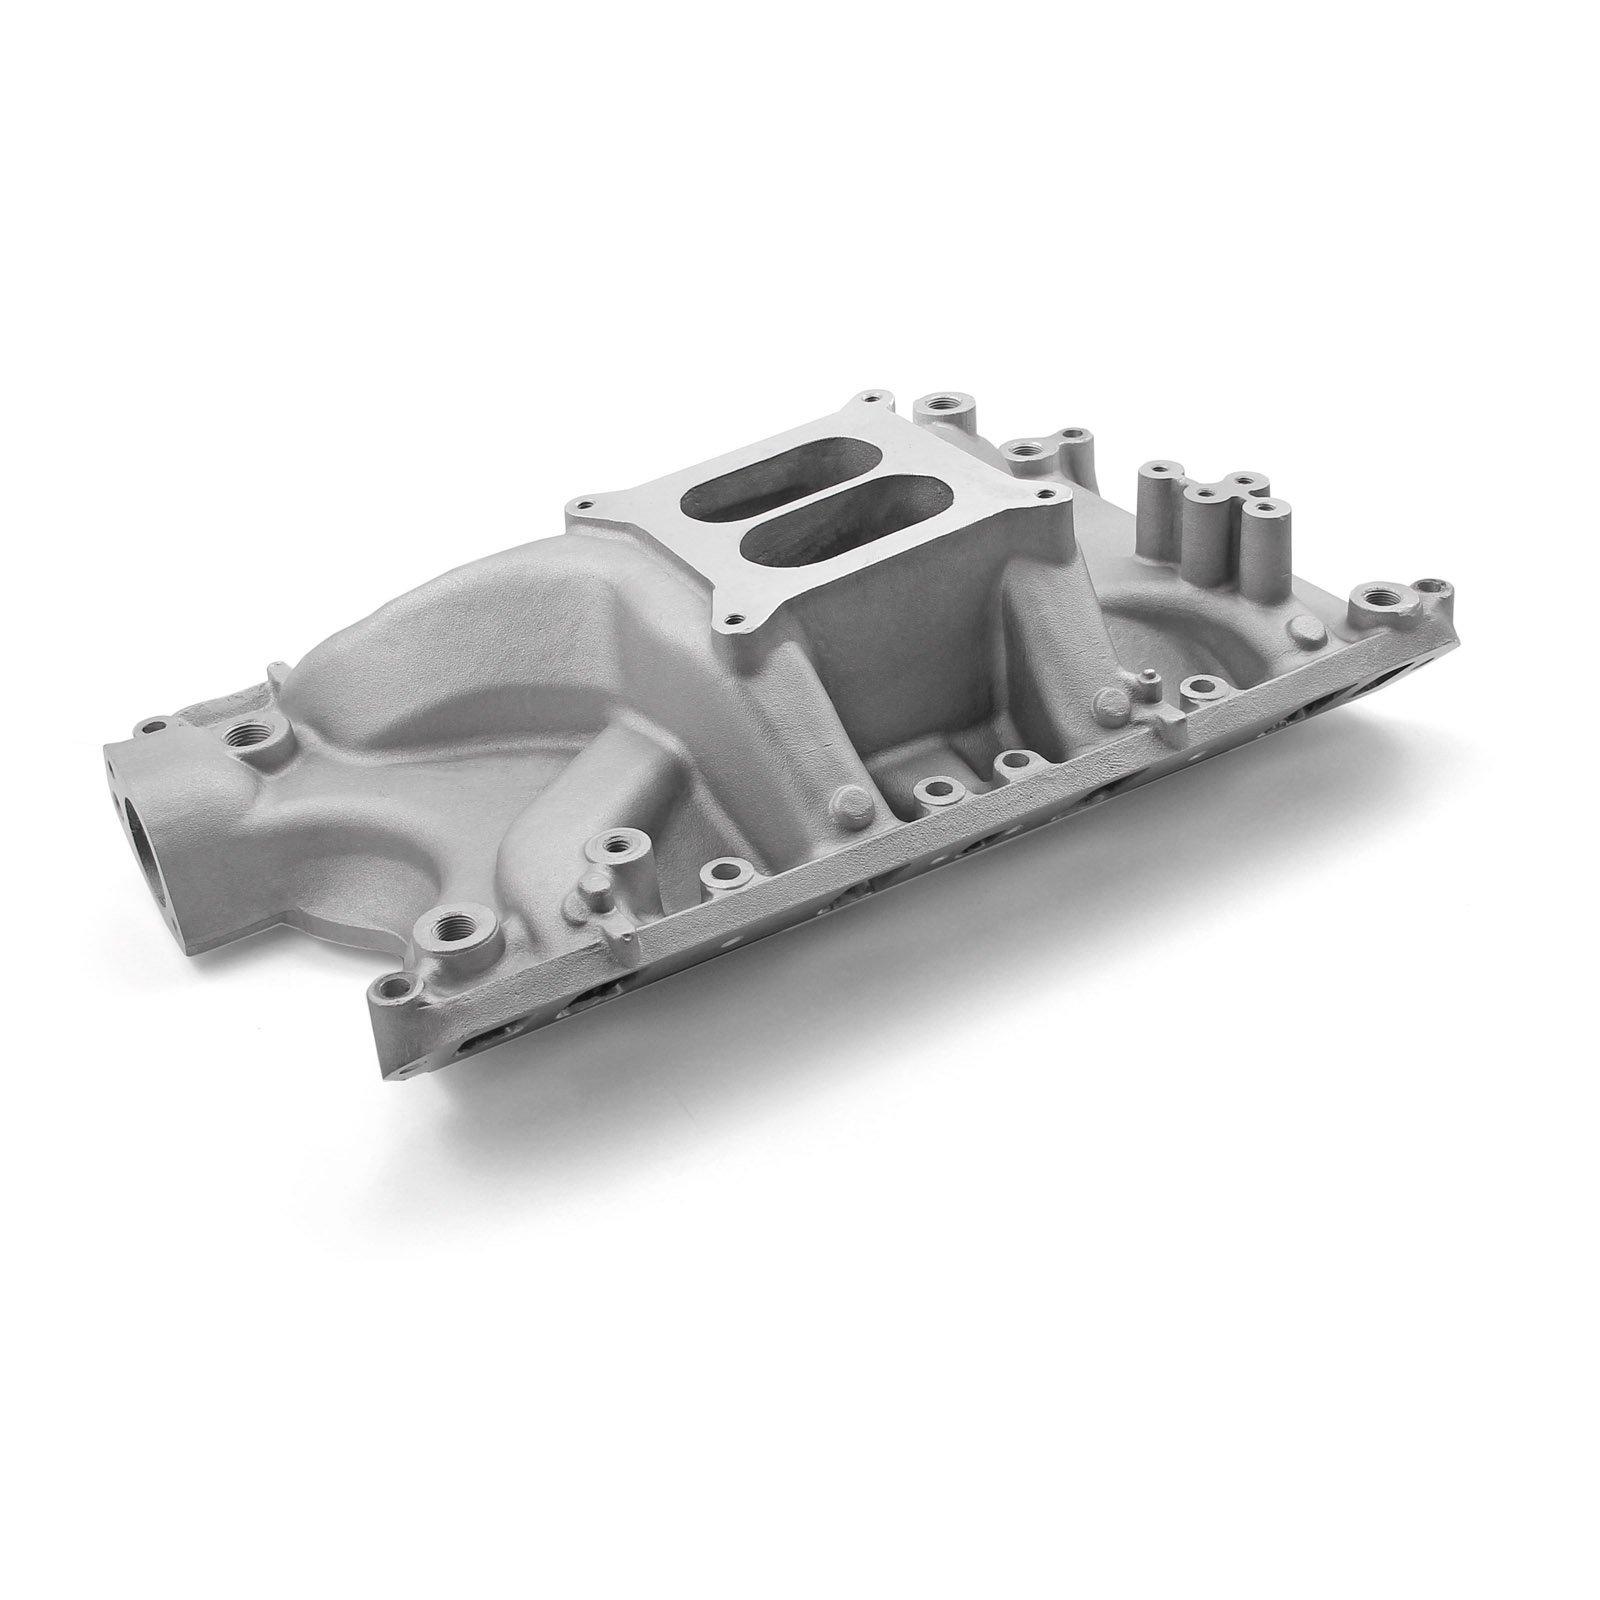 Speedmaster PCE147.1045 Qualifier Intake Manifolds, Carbureted